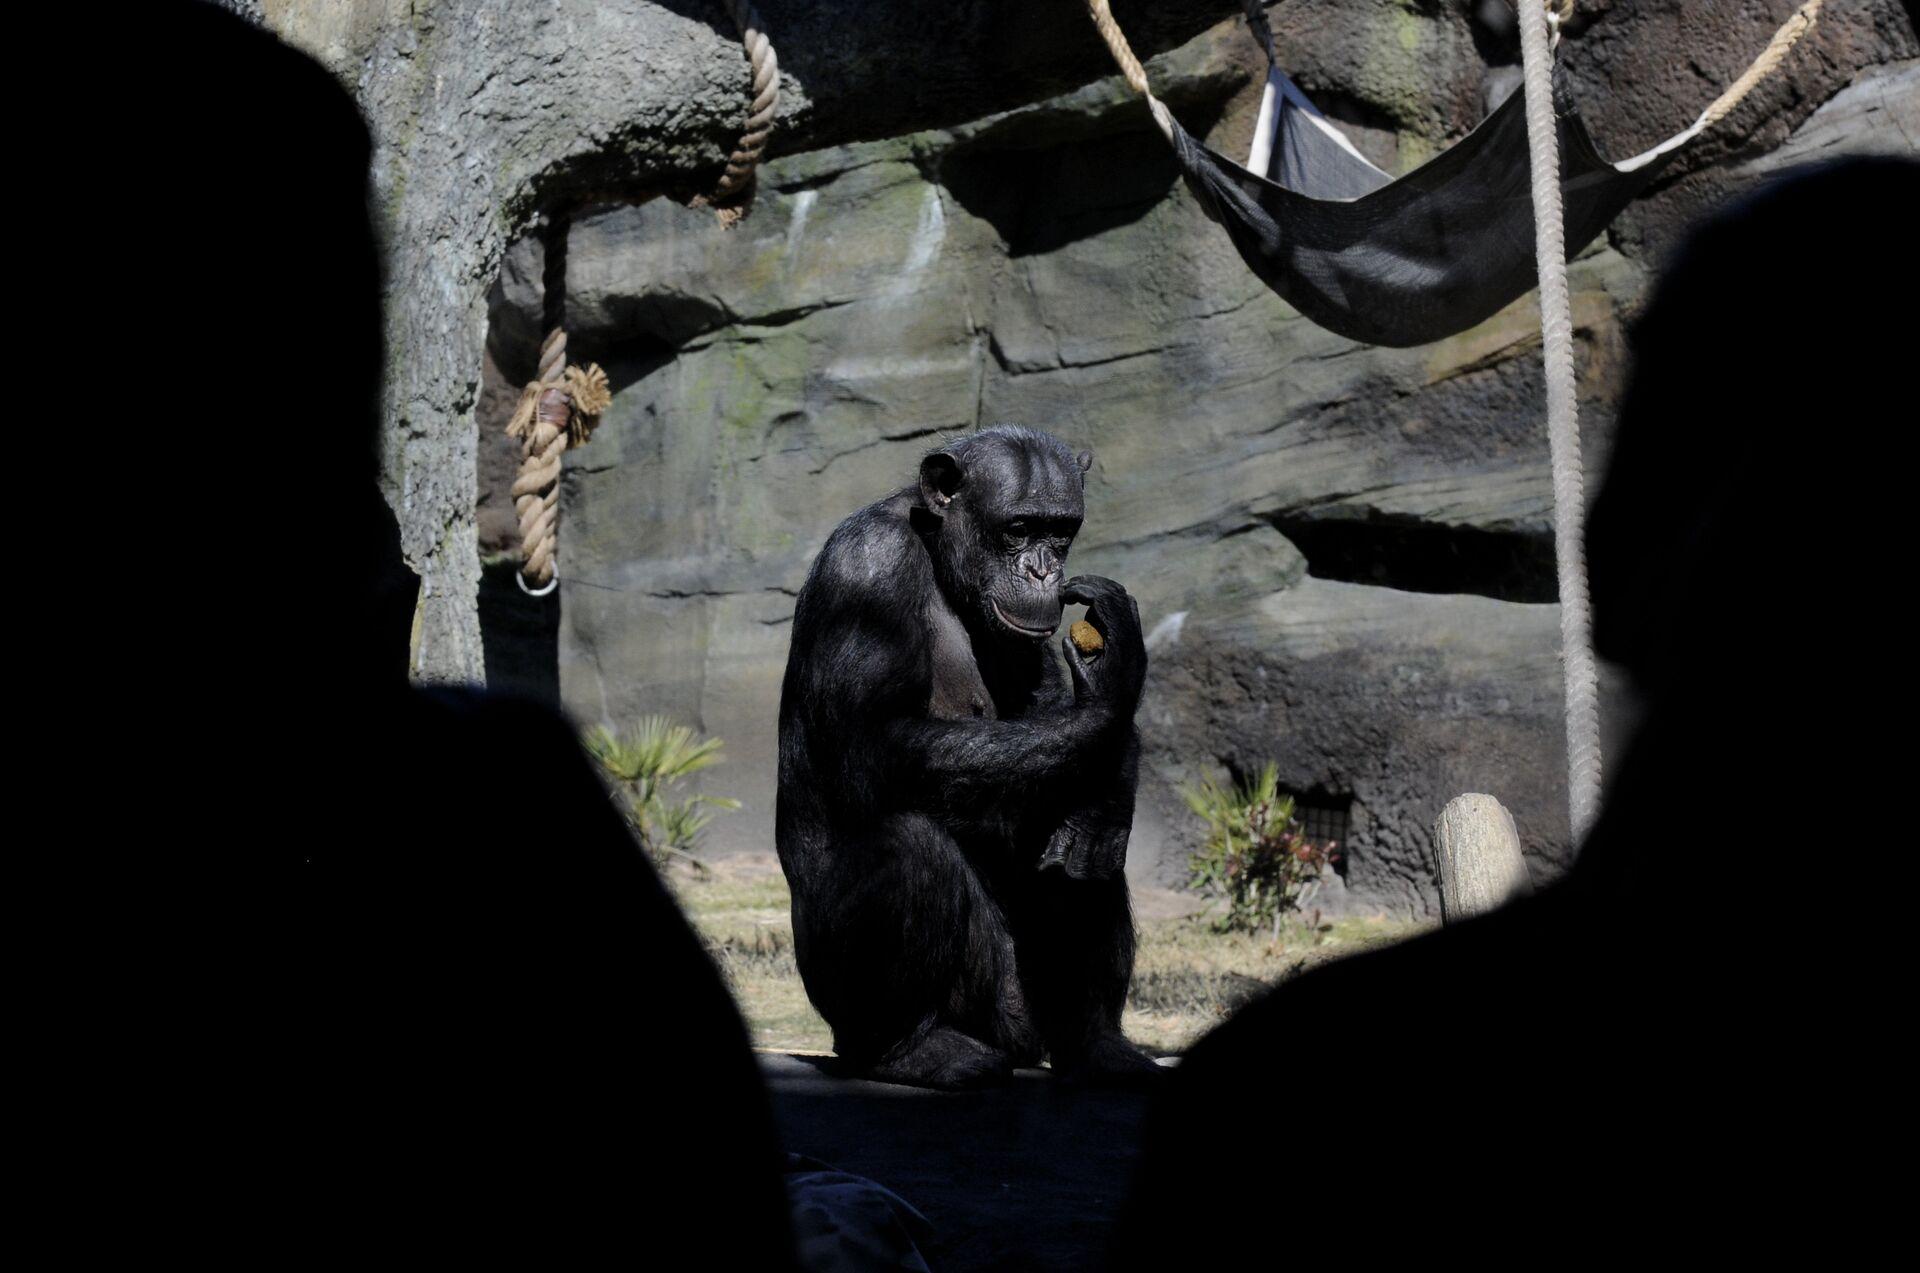 Шимпанзе в Хьюстонском зоопарке - РИА Новости, 1920, 02.02.2021